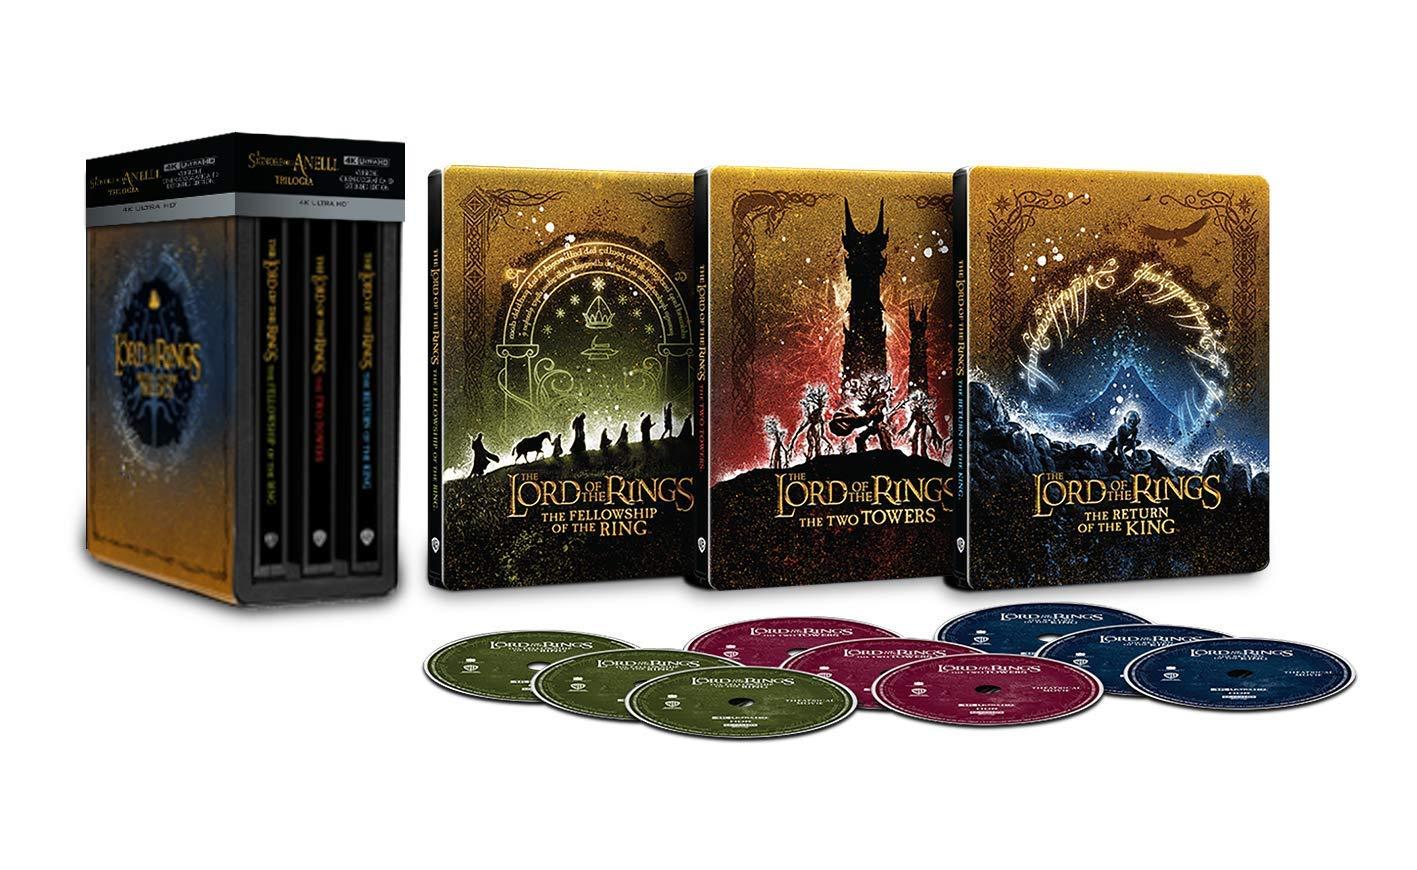 Il Signore degli Anelli Trilogia Steelbook 4K Ultra HD 9 dischi